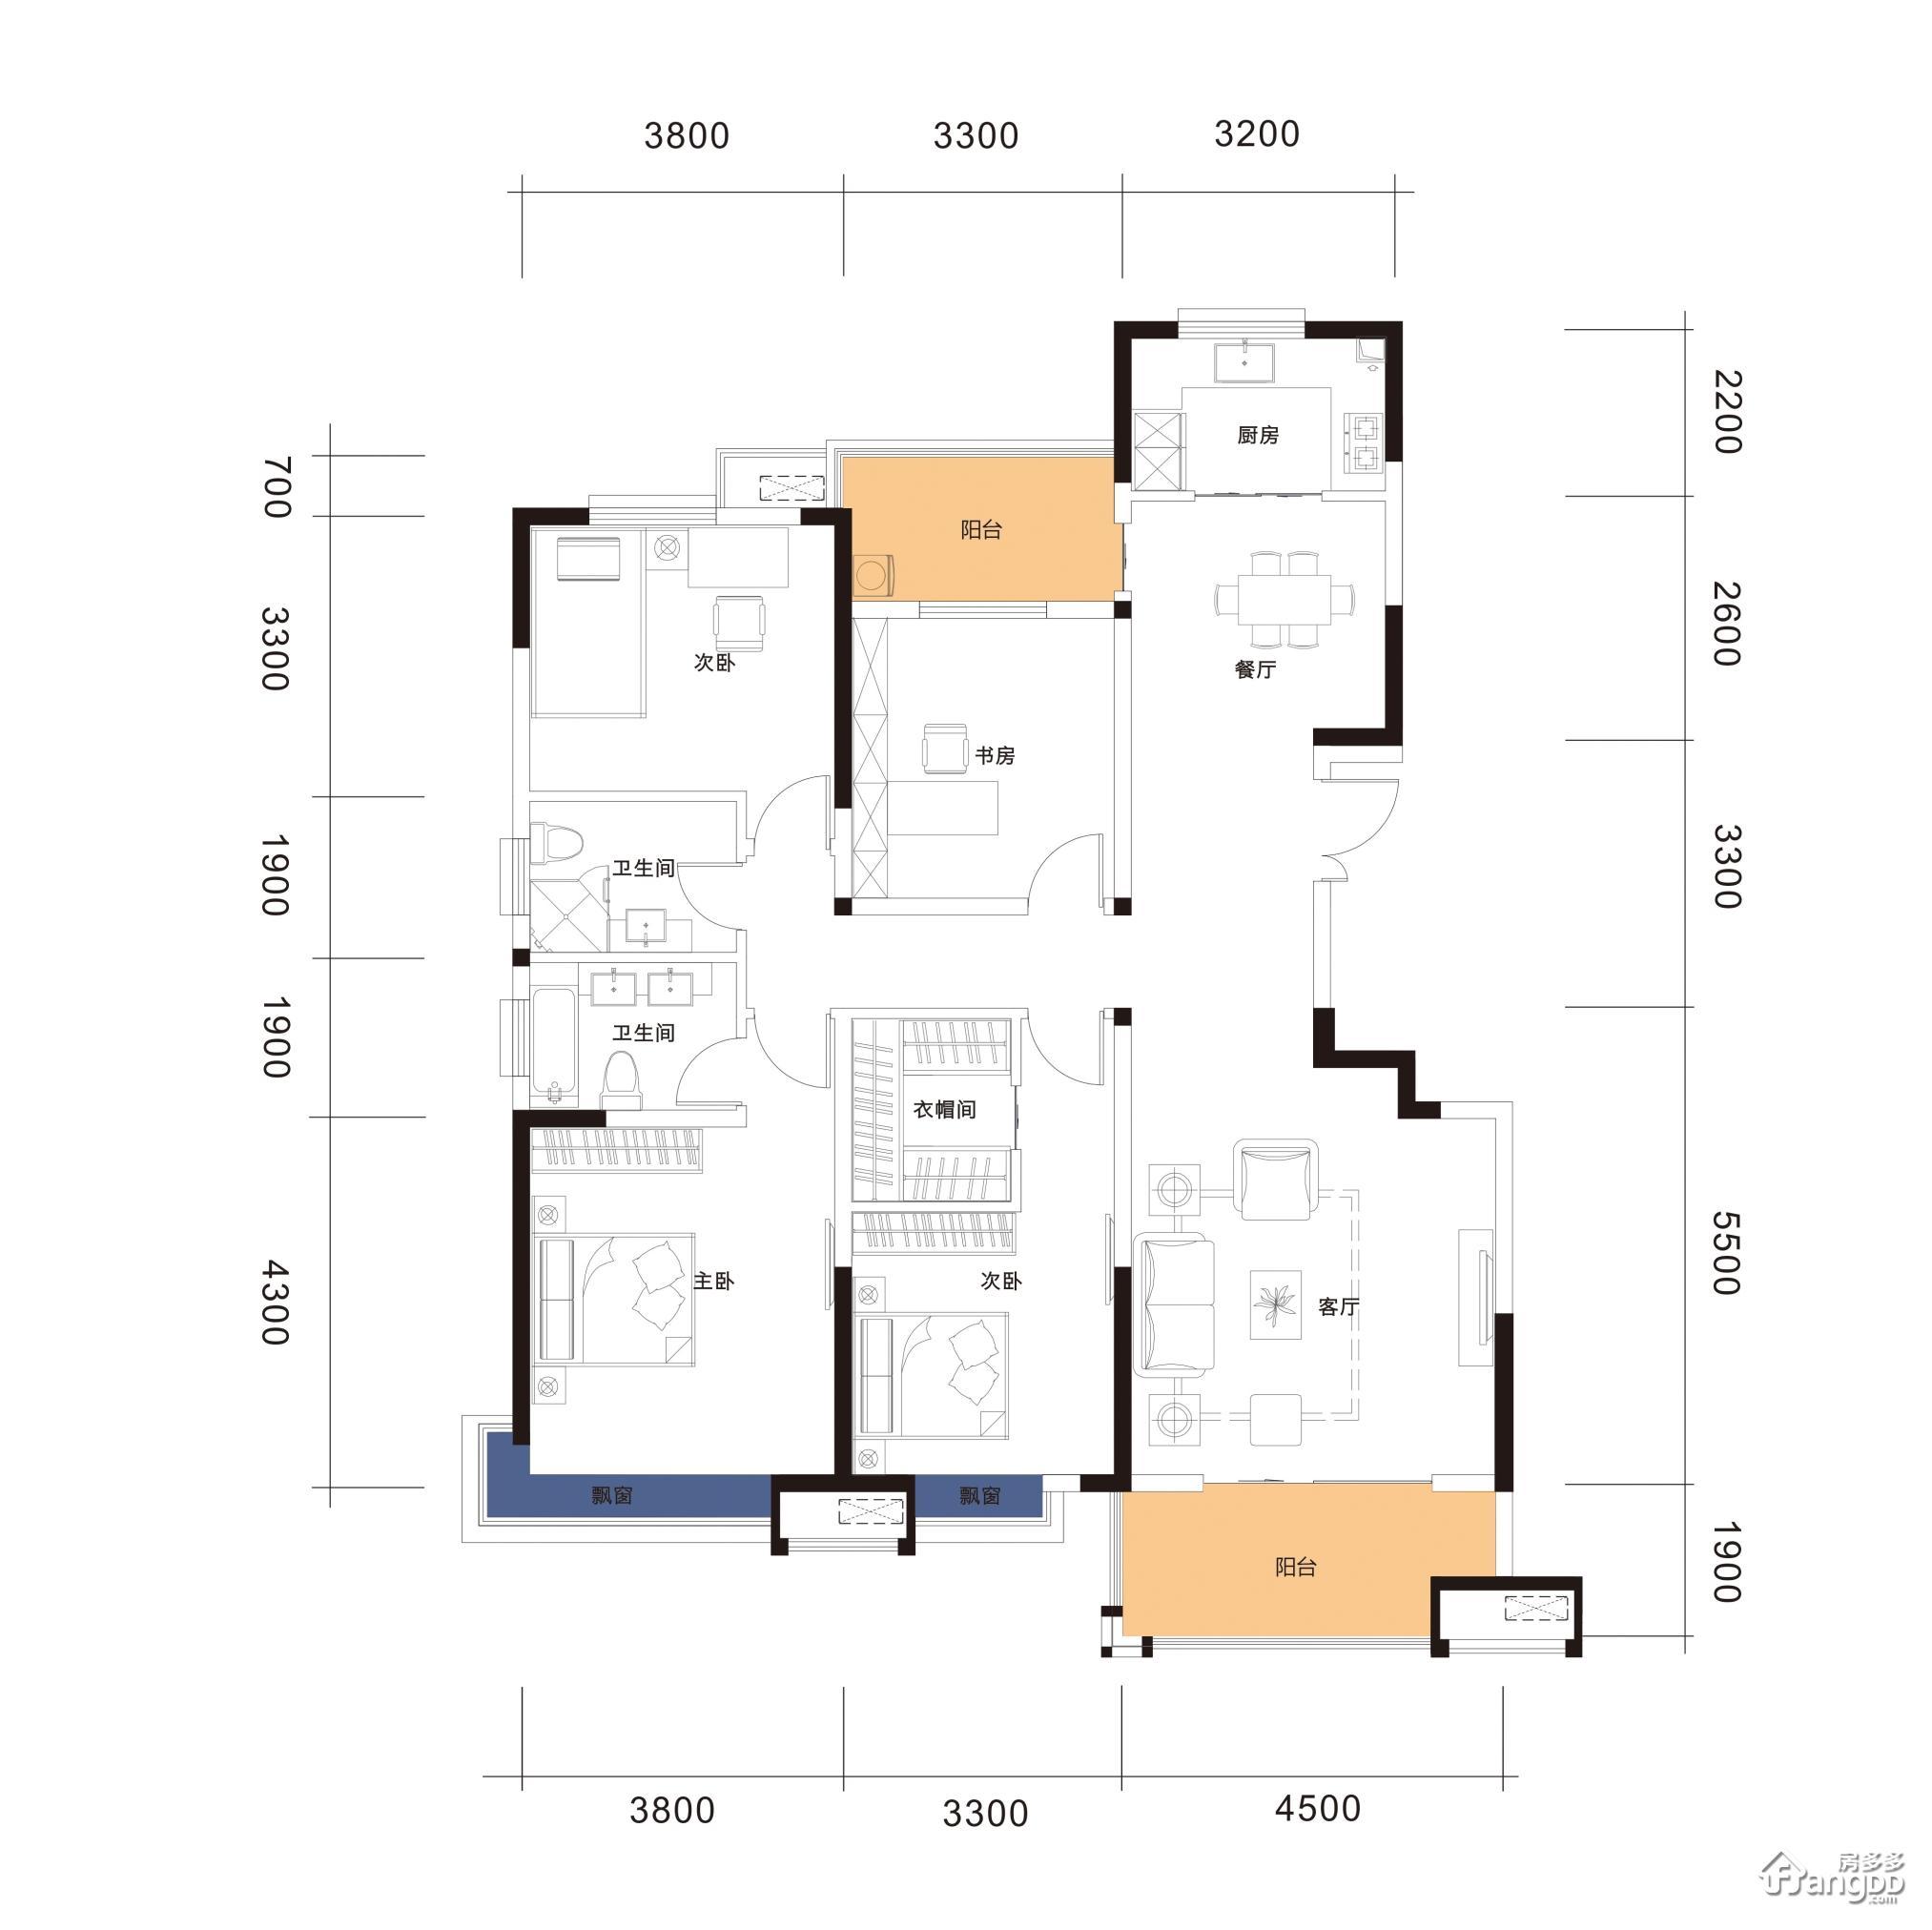 A13-150 4室2厅2卫150㎡